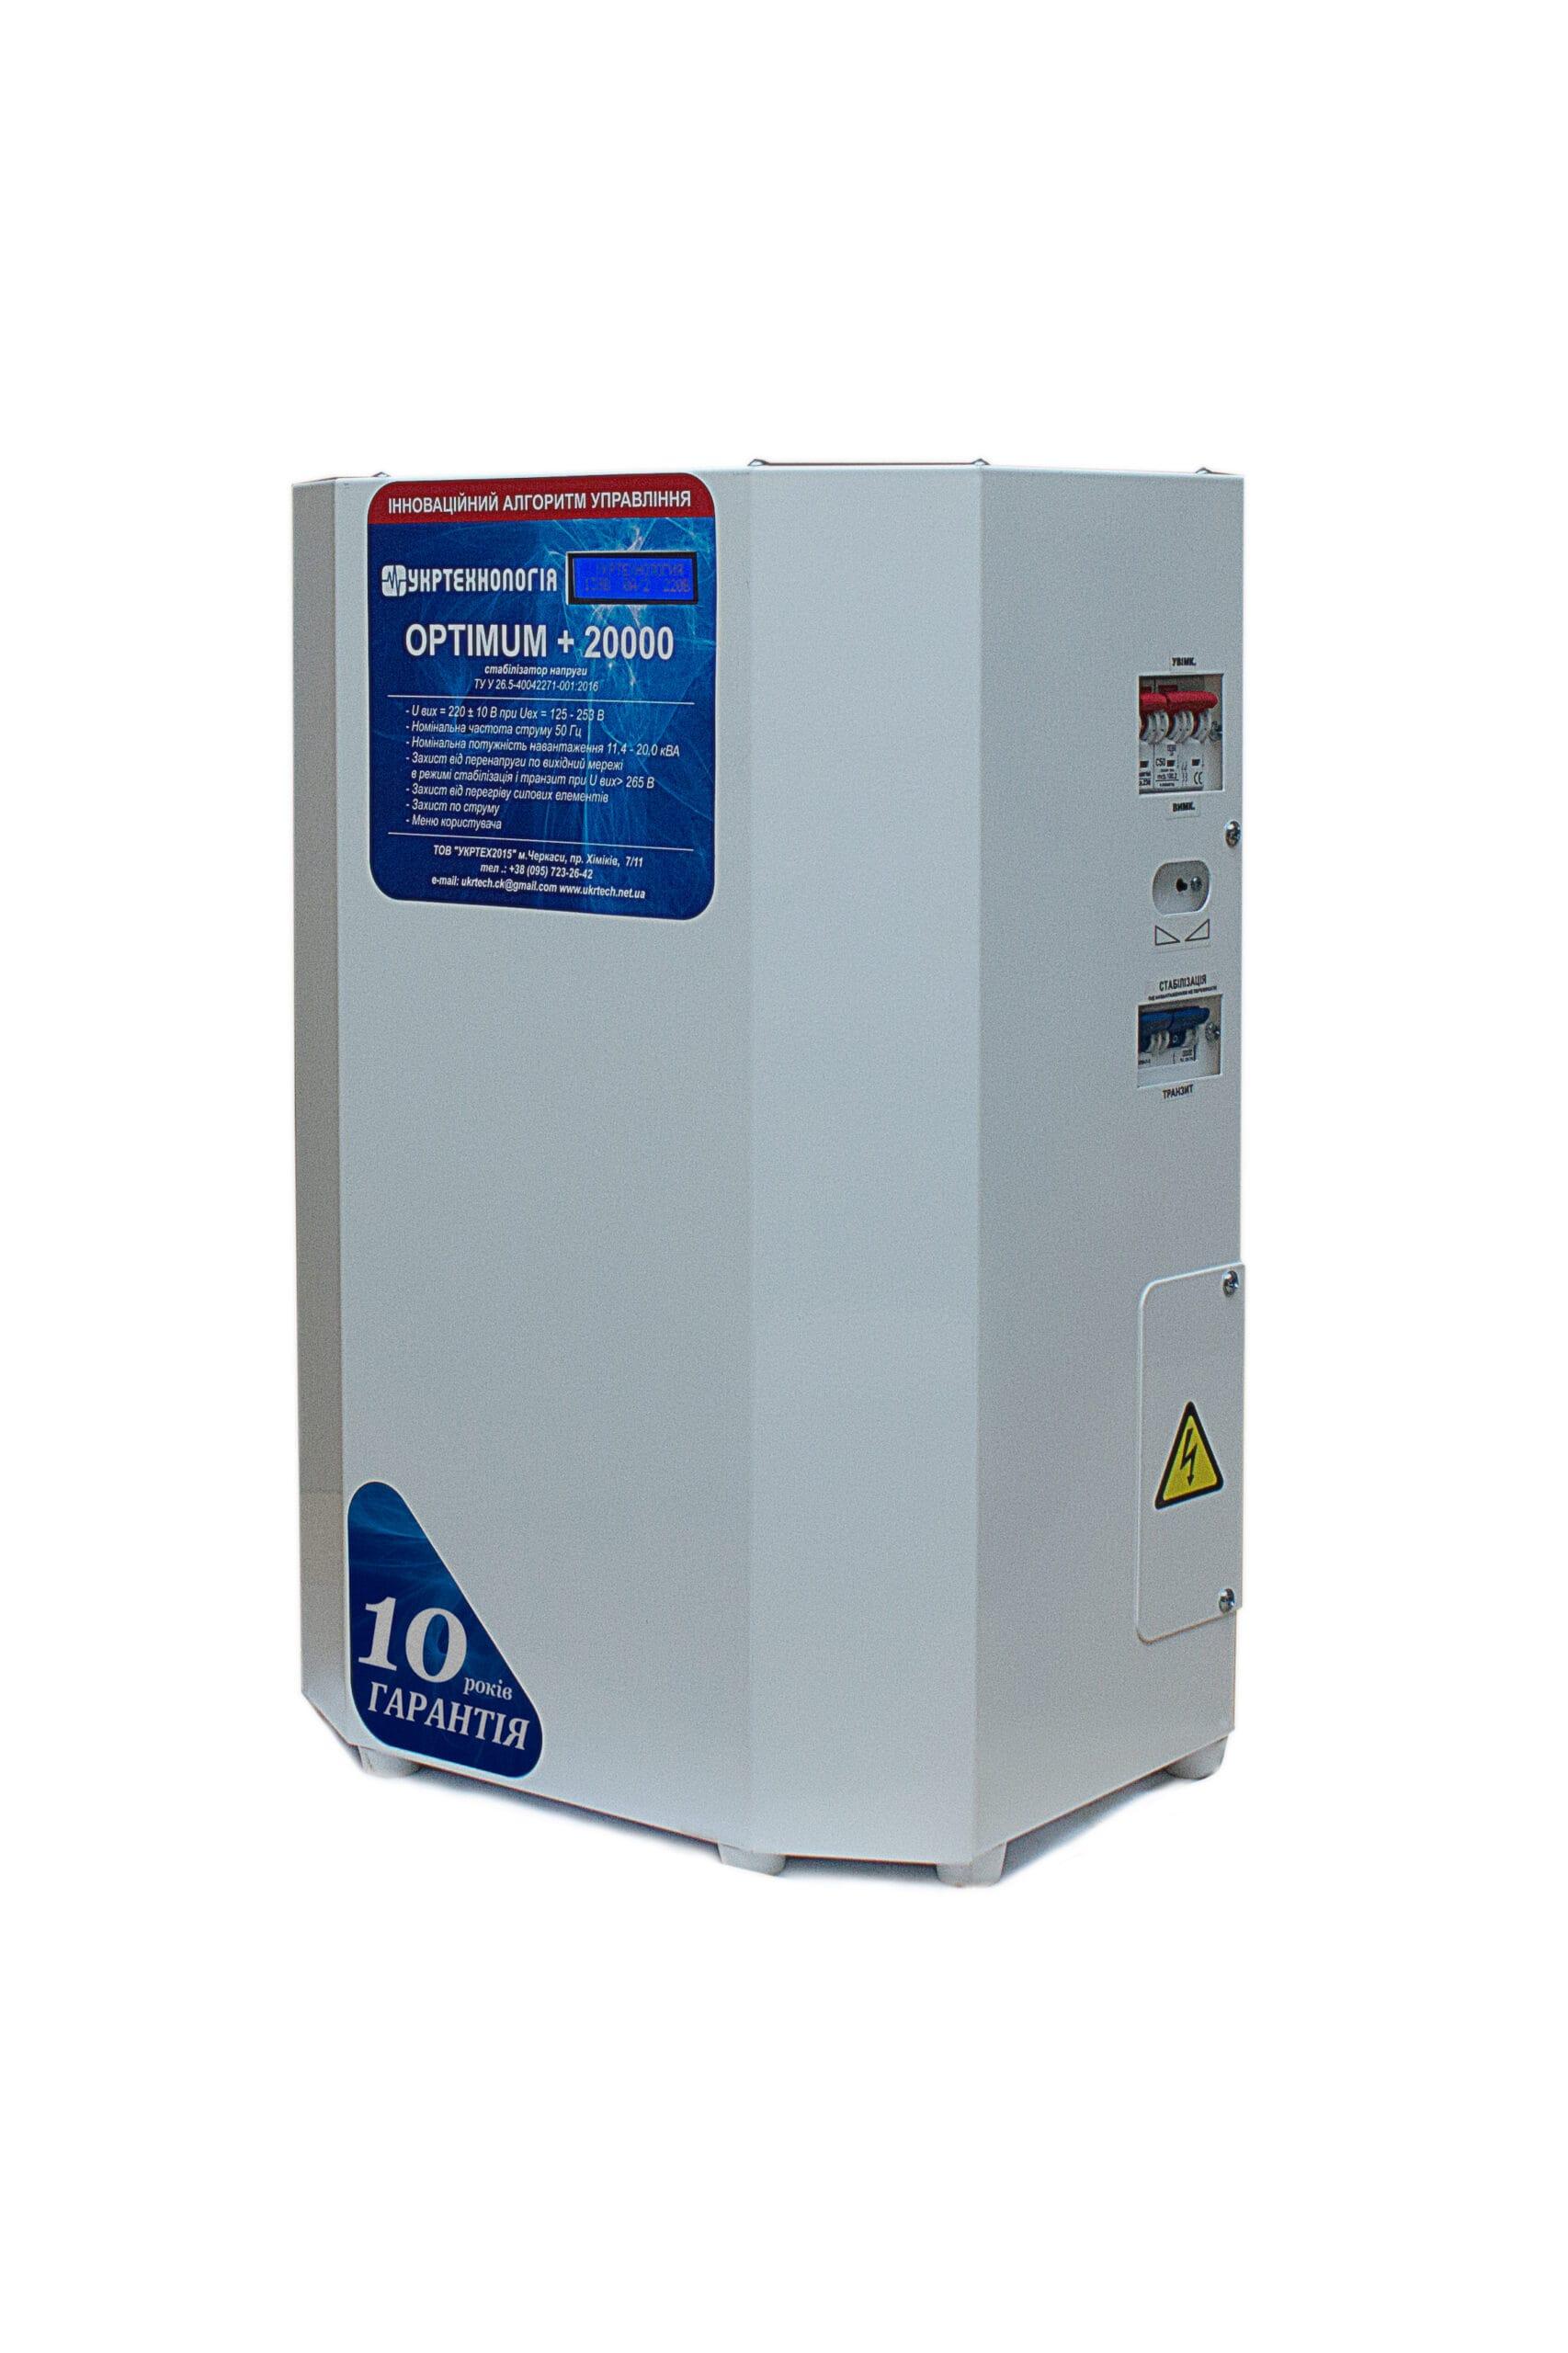 Стабилизаторы напряжения - Стабилизатор напряжения 20 кВт OPTIMUM 000001388 - Фото 1